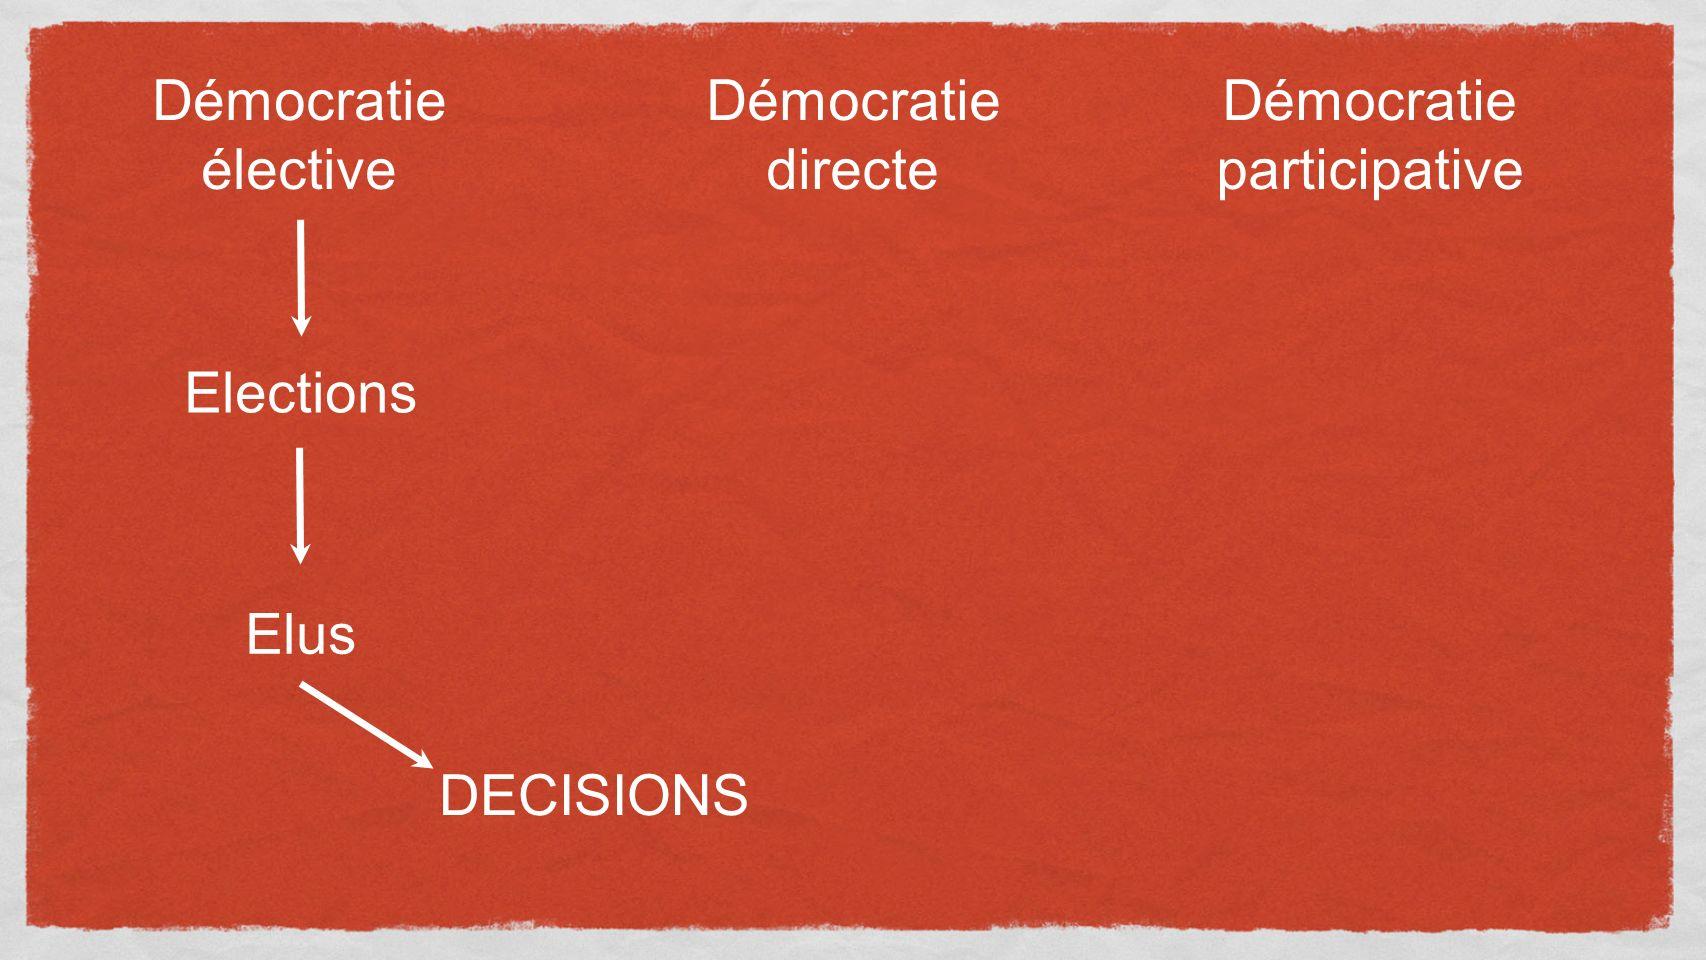 Démocratie élective Démocratie directe Démocratie participative Elections Elus DECISIONS Consultation directe